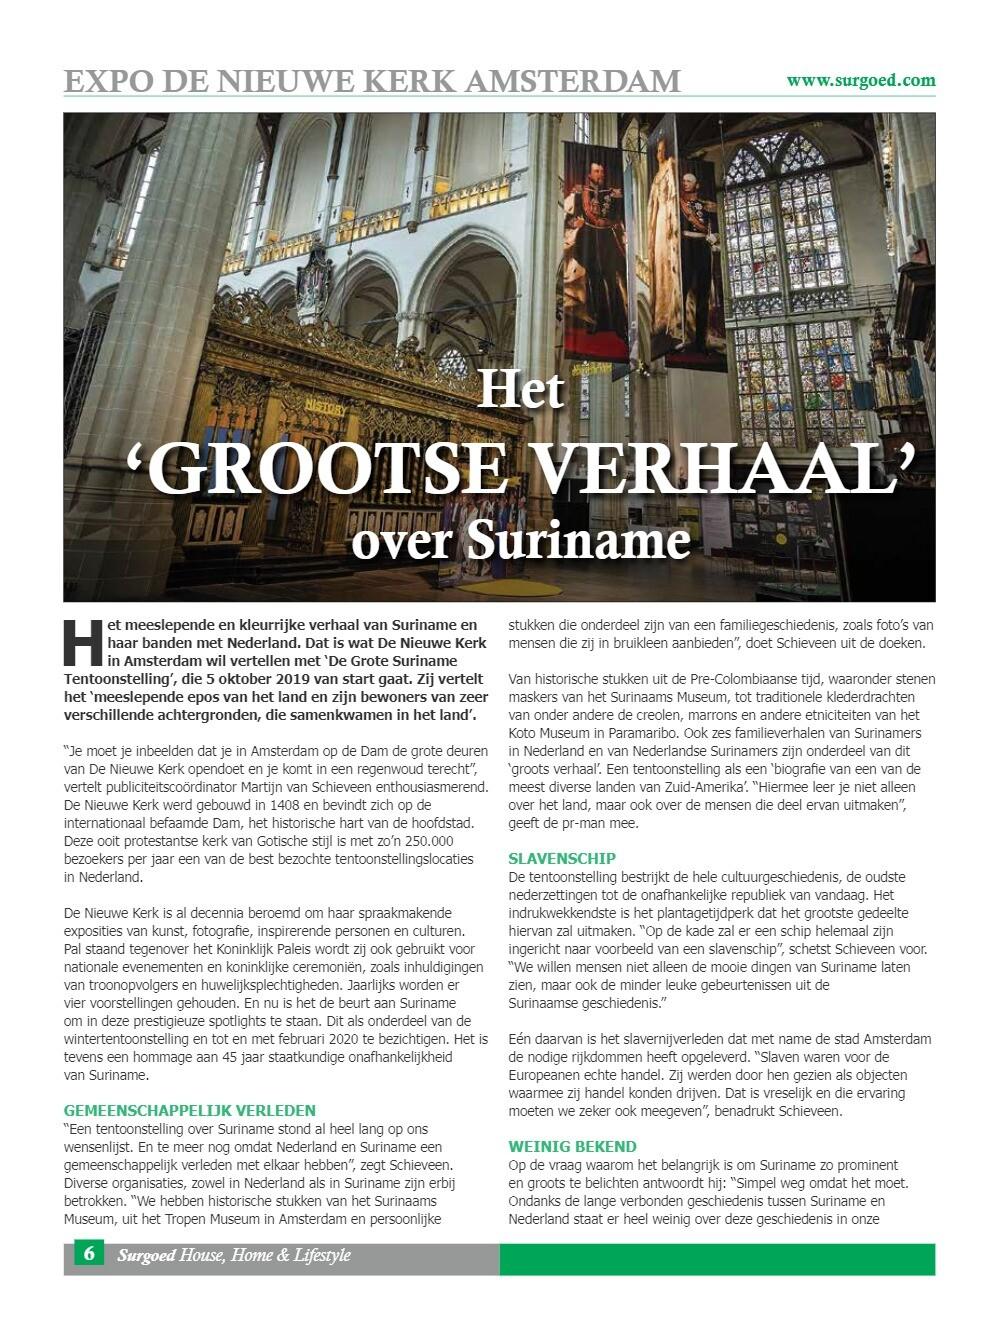 Het 'grootse verhaal' over Suriname